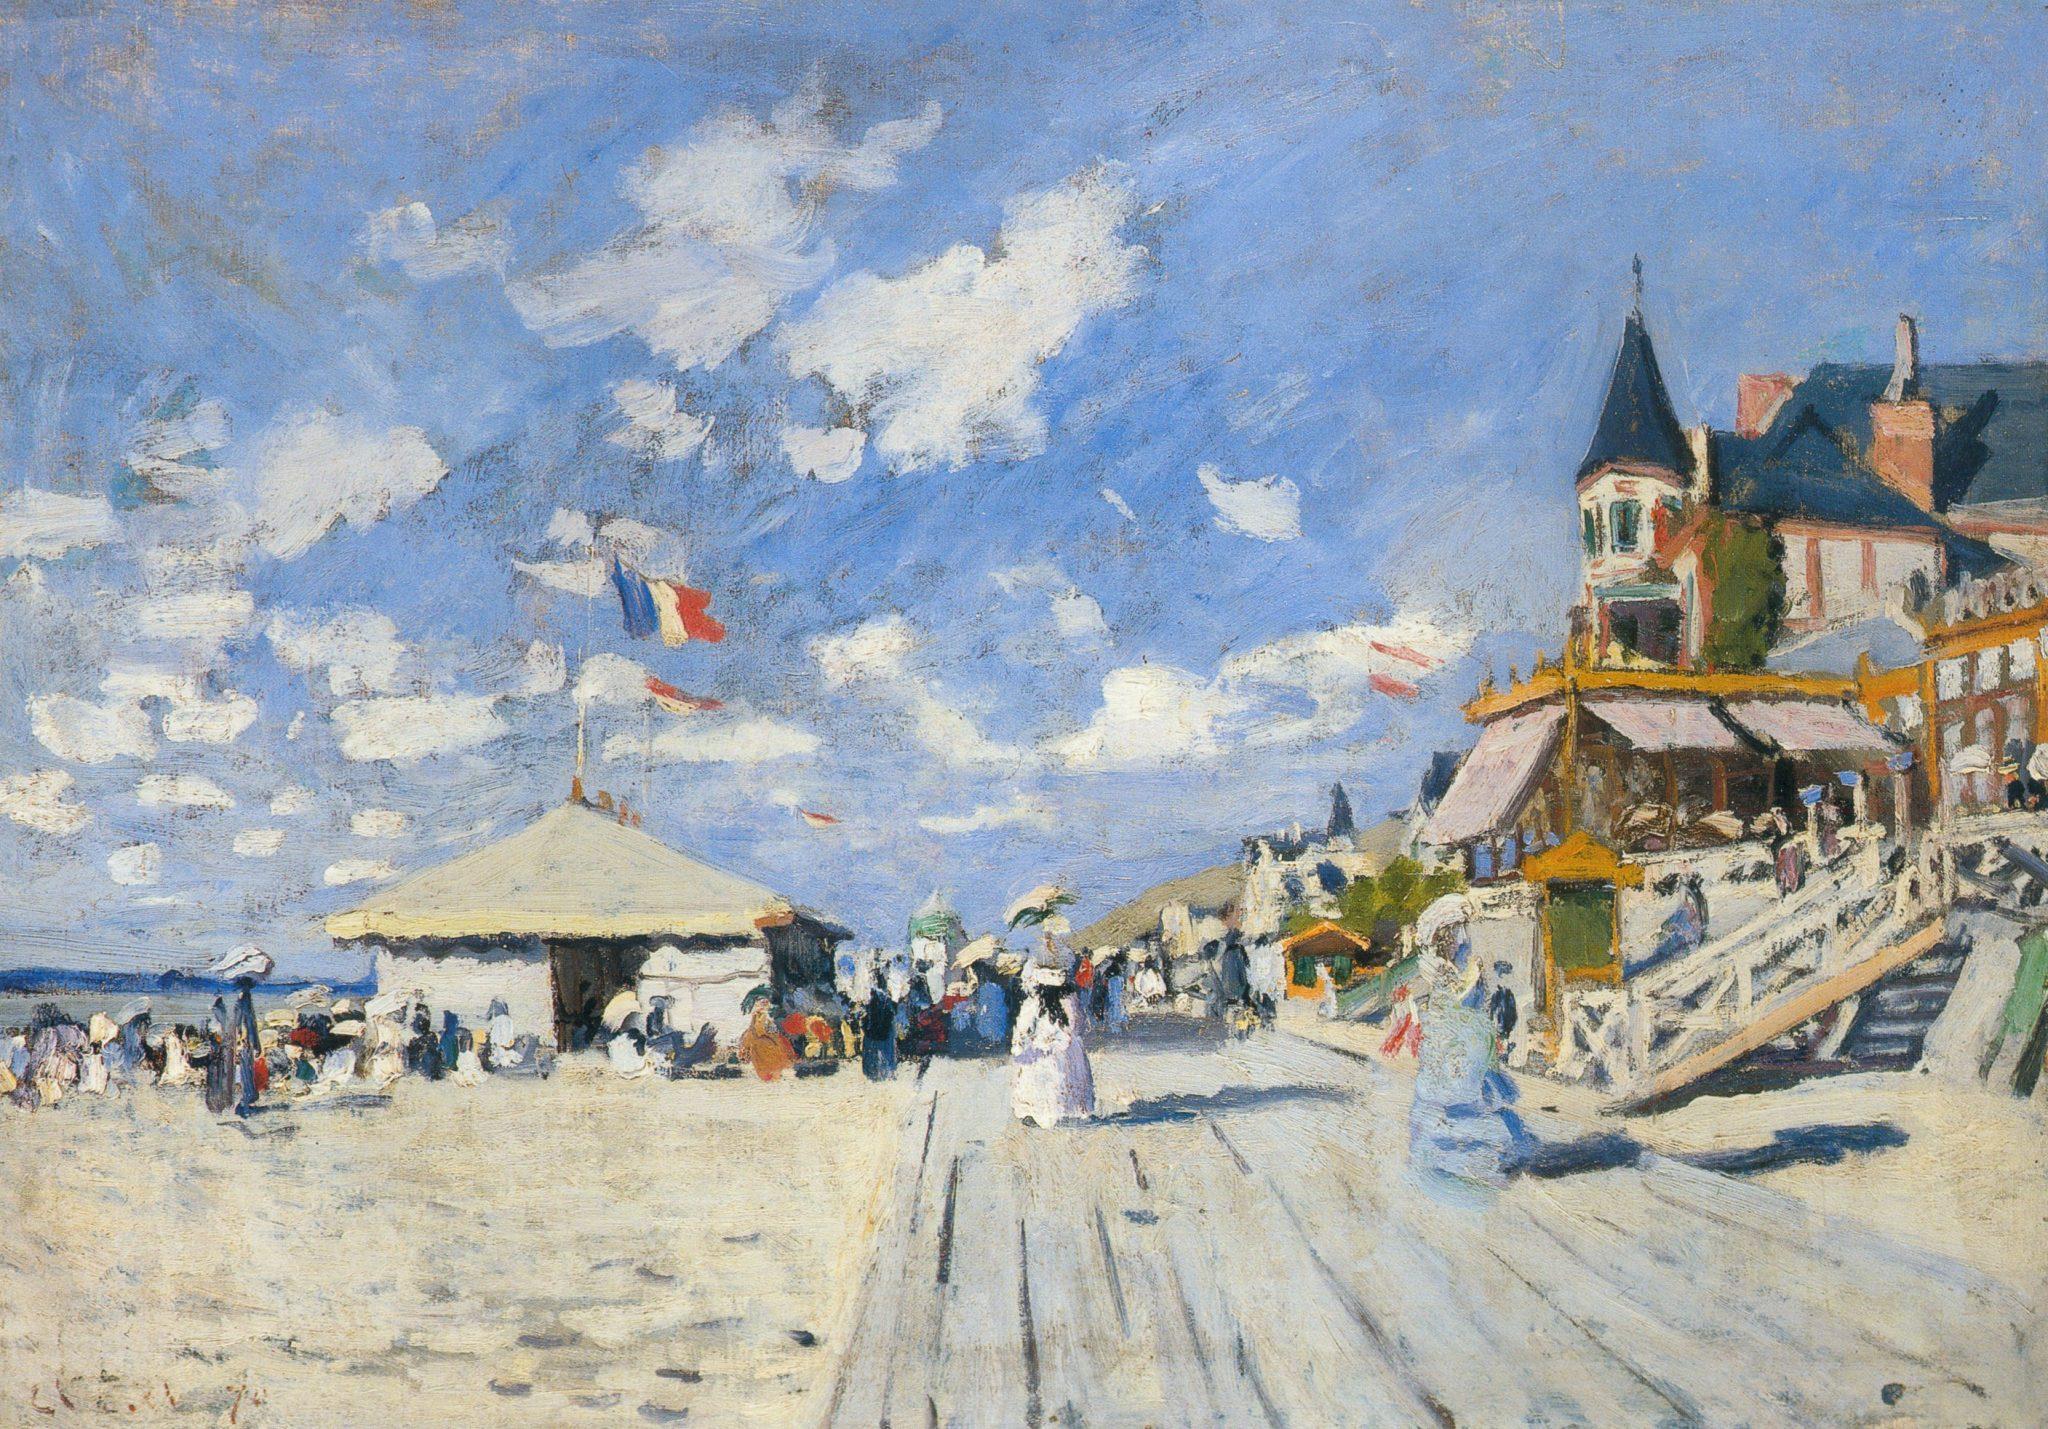 Stessa spiaggia, stesso mare. La Top 10 dei dipinti marittimi in asta. Domina Monet